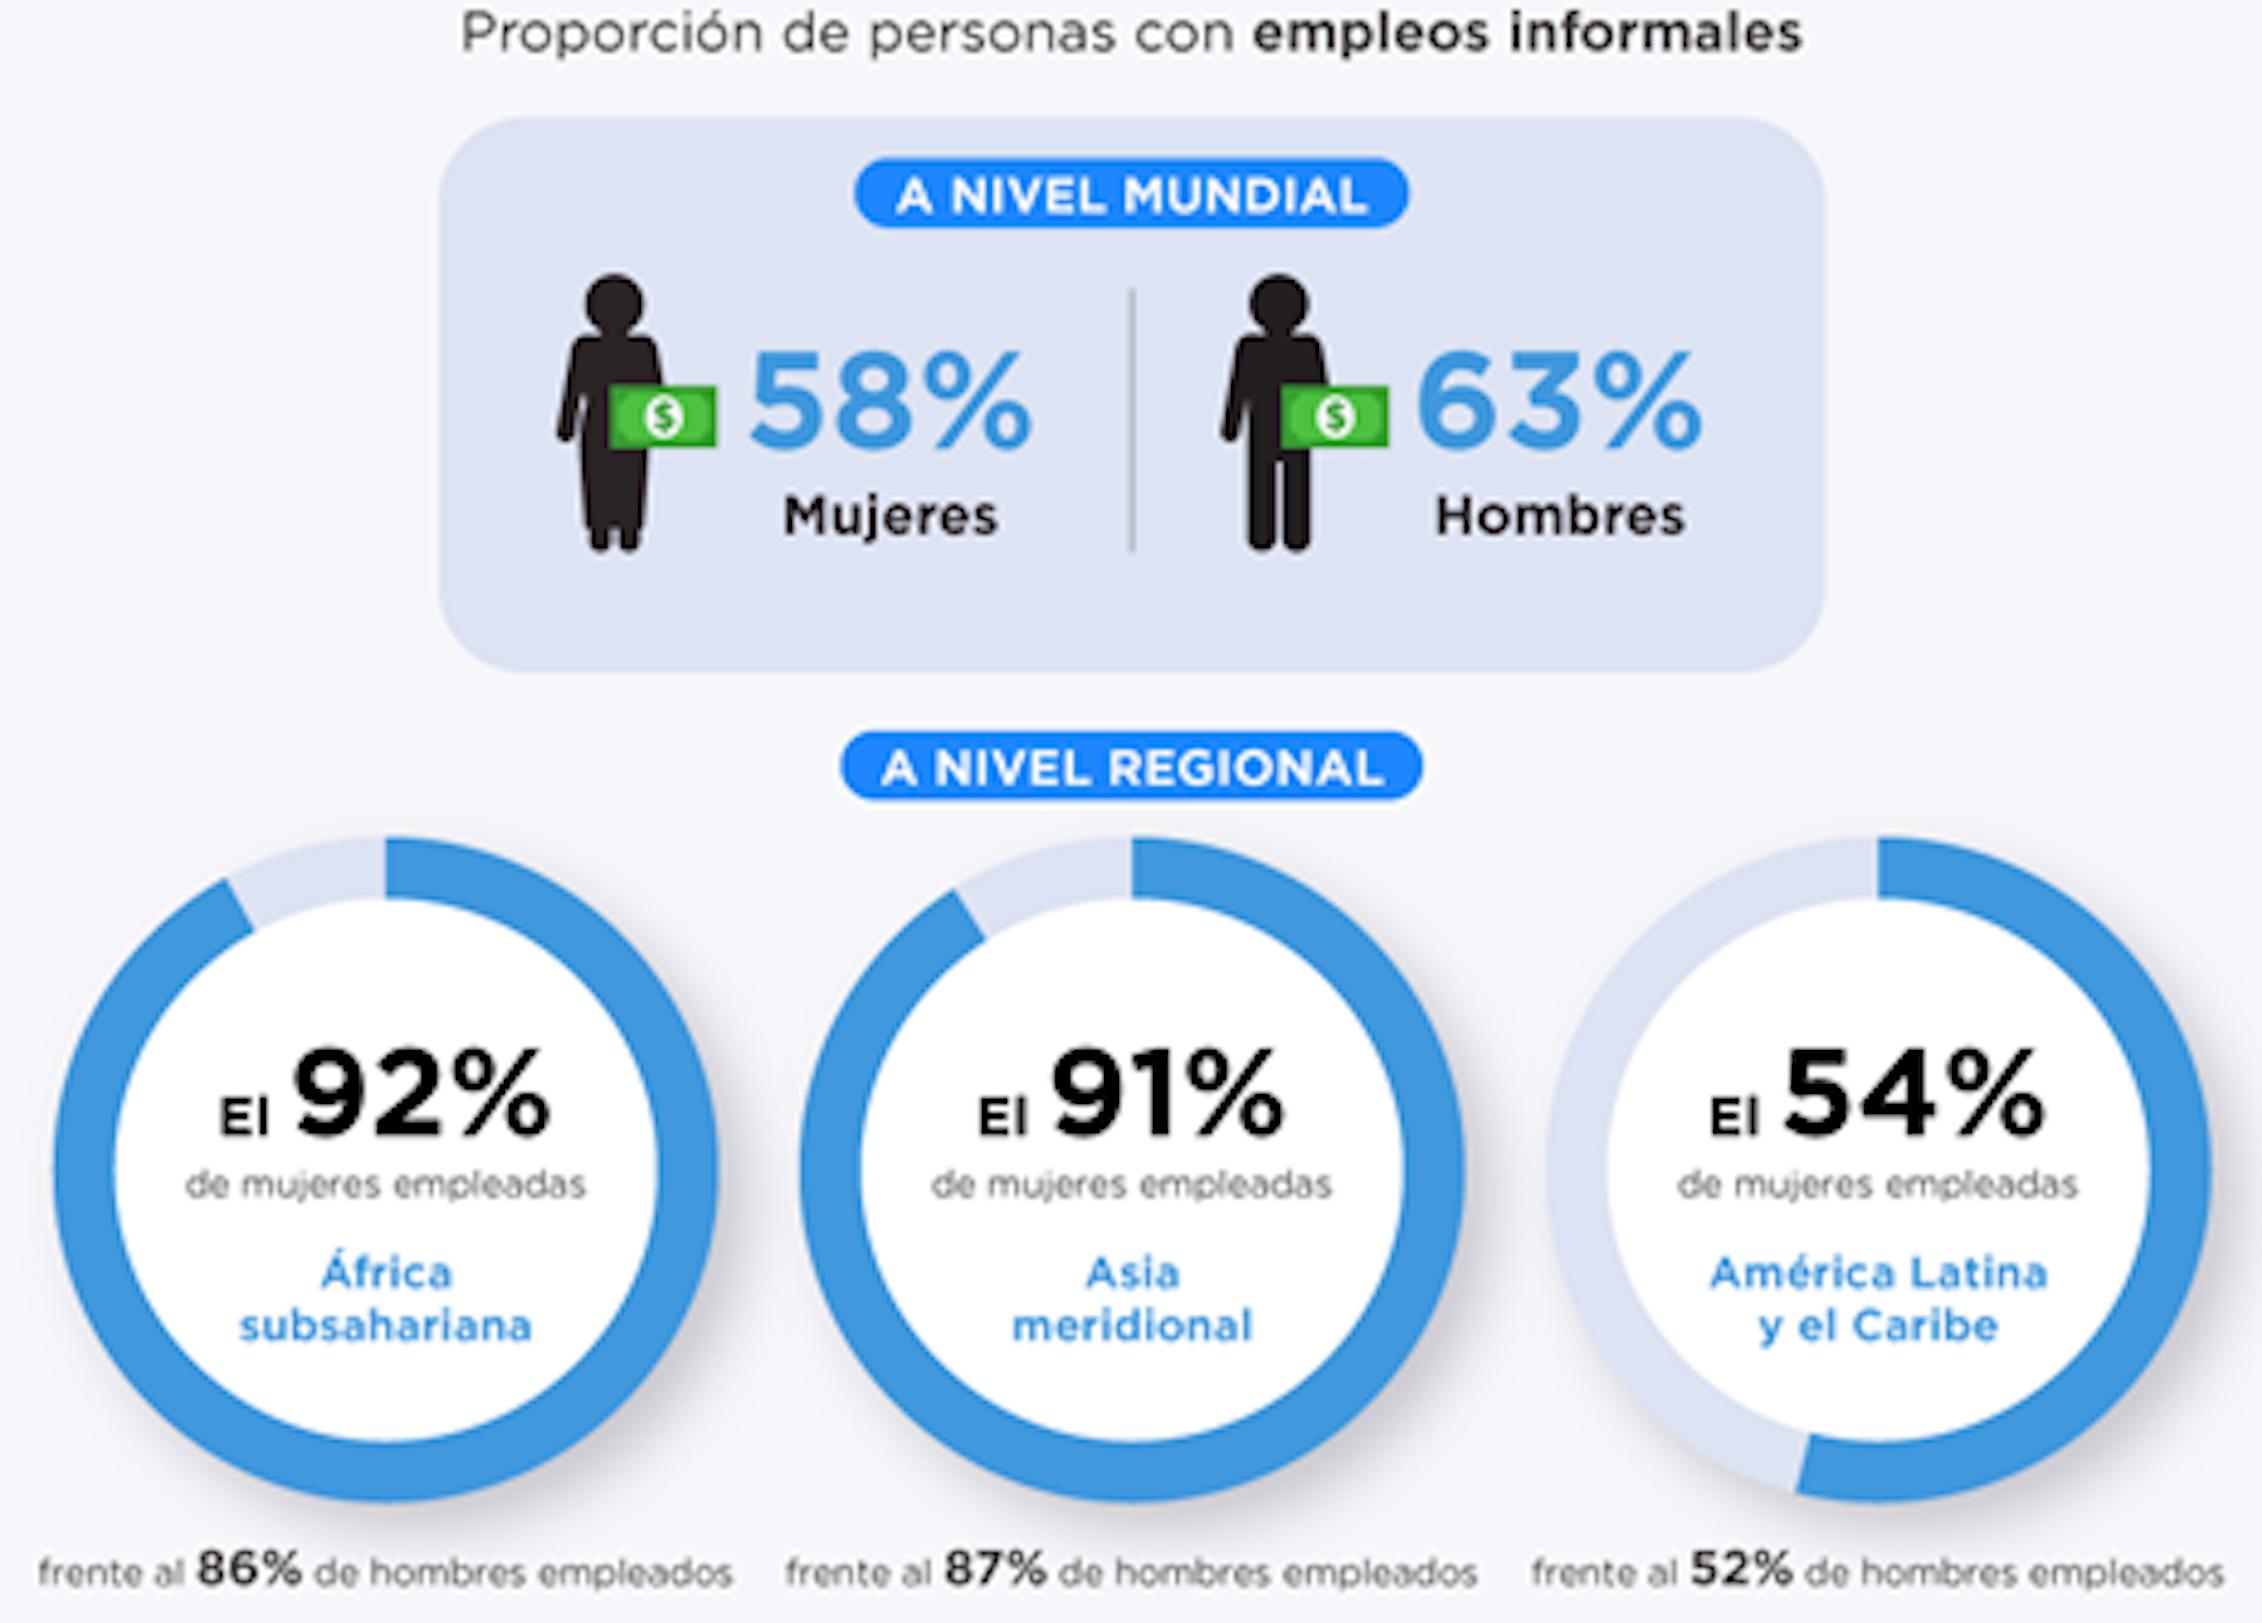 Figura 1. Proporción de hombres y mujeres con empleos informales: a nivel mundial; y a nivel regional en África subsahariana, Asia meridional y América Latina y el Caribe.ONU Mujeres, 2020